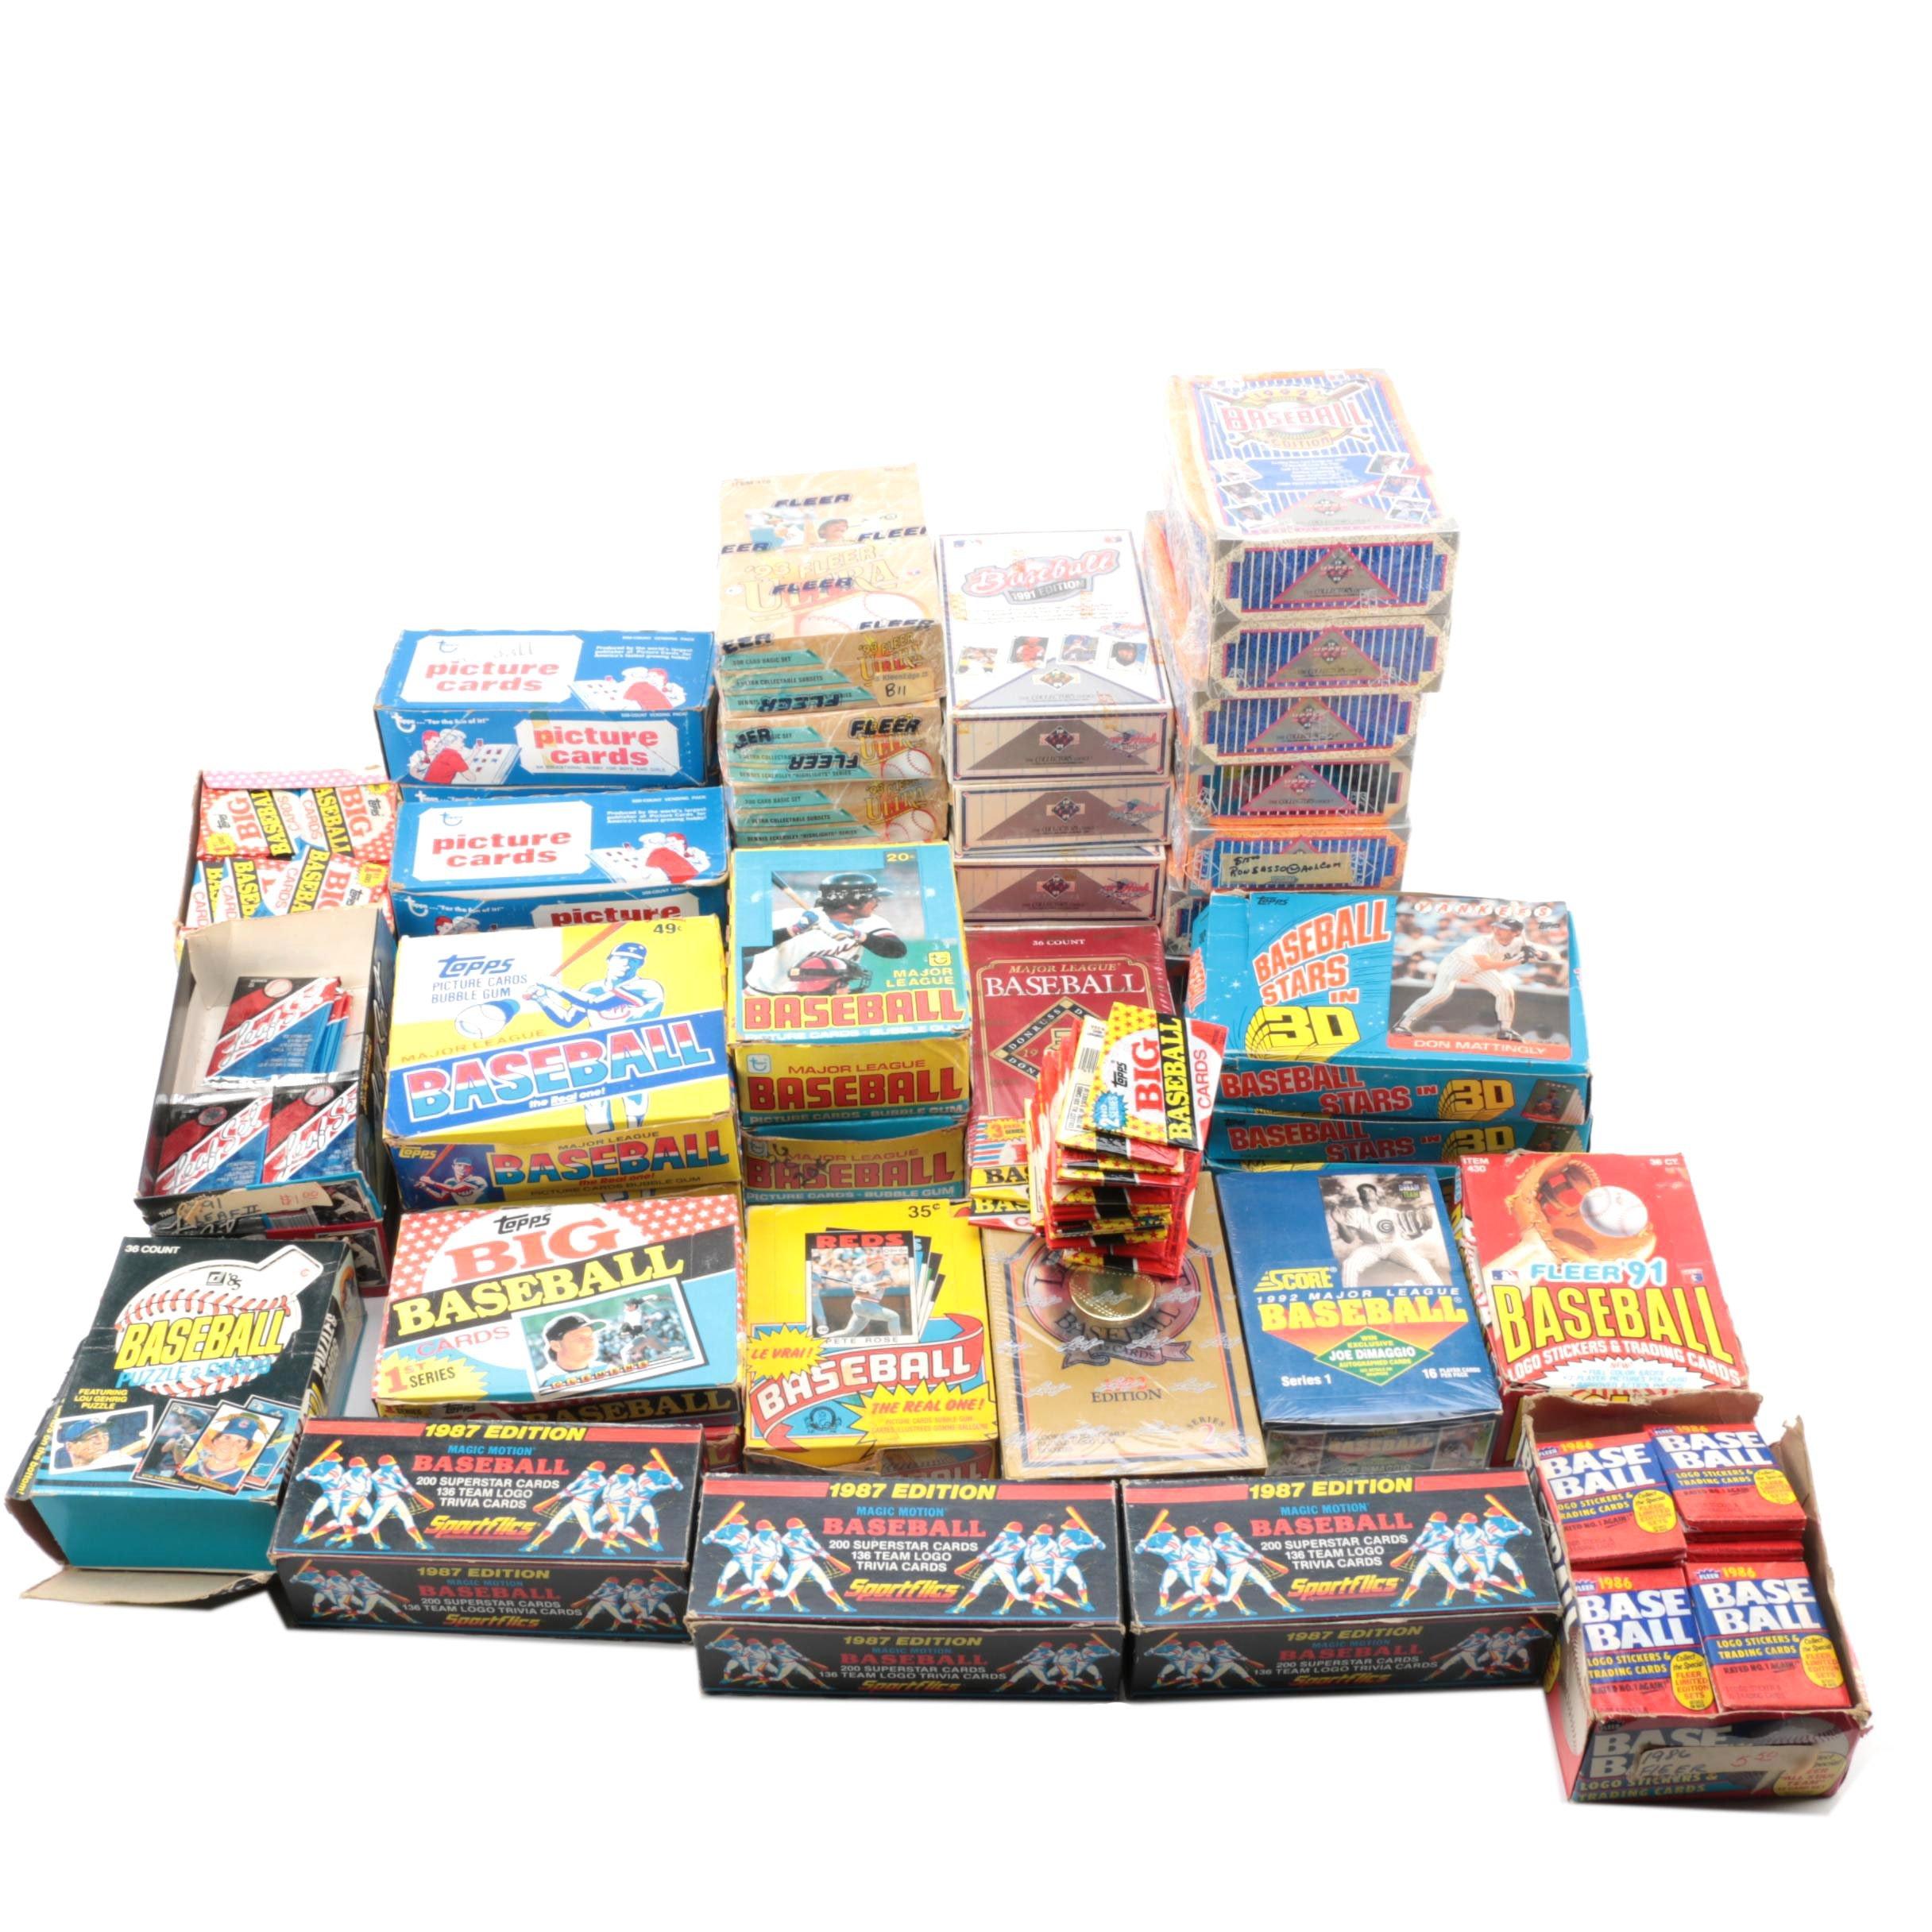 1980s-1990s Topps, Fleer, and Score Baseball Trading Cards